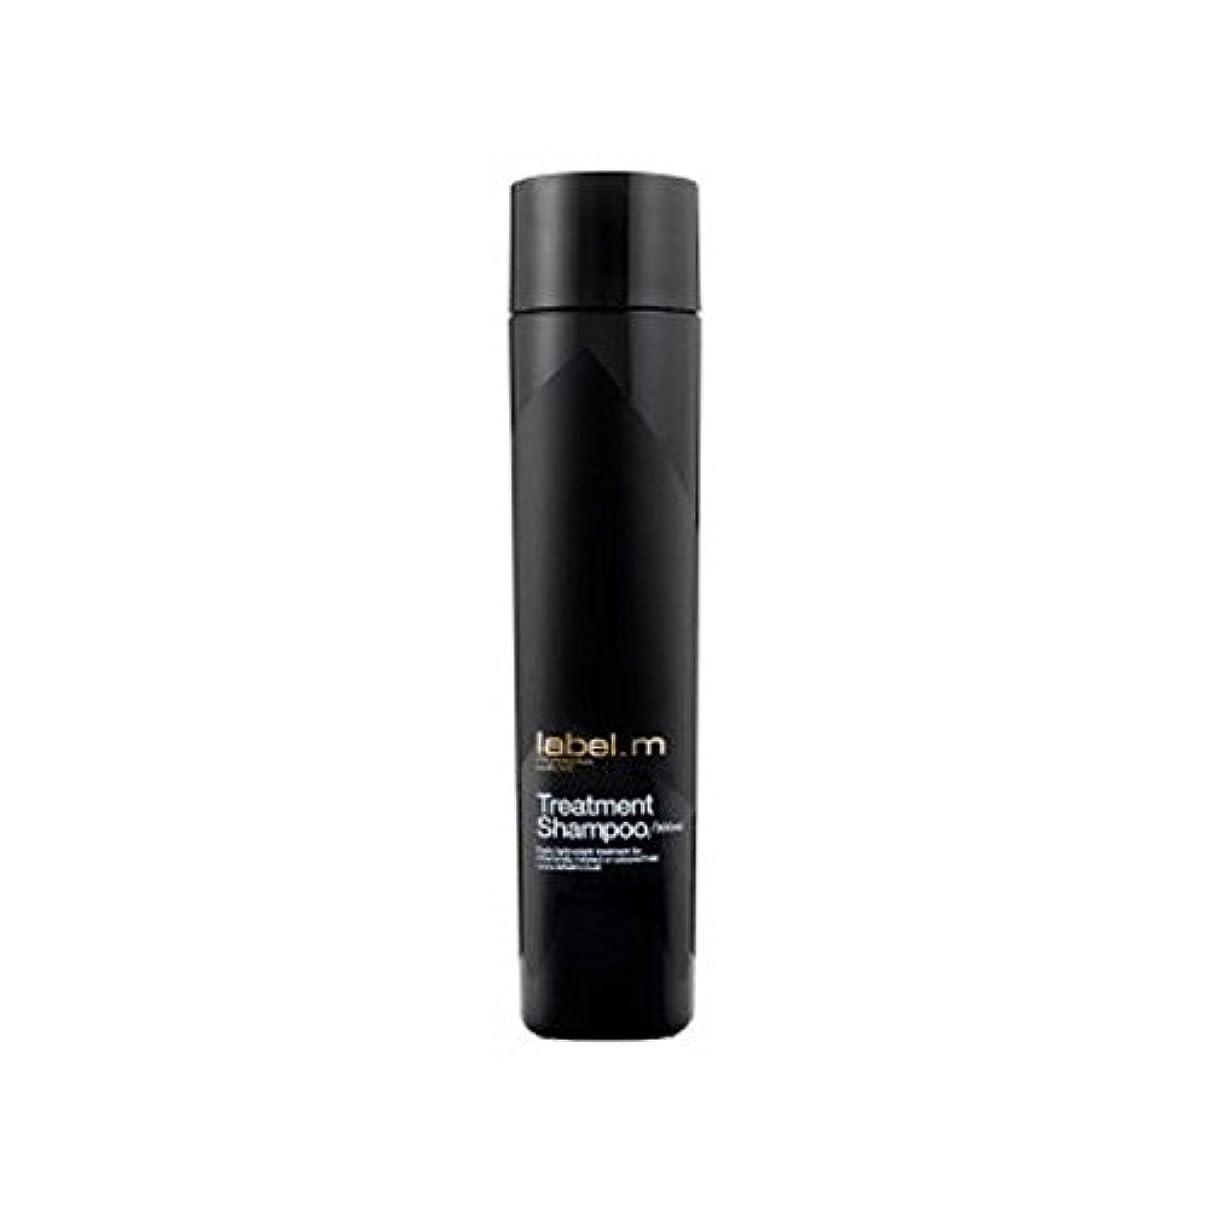 寸法キャンバス義務づける.トリートメントシャンプー(300ミリリットル) x2 - Label.M Treatment Shampoo (300ml) (Pack of 2) [並行輸入品]